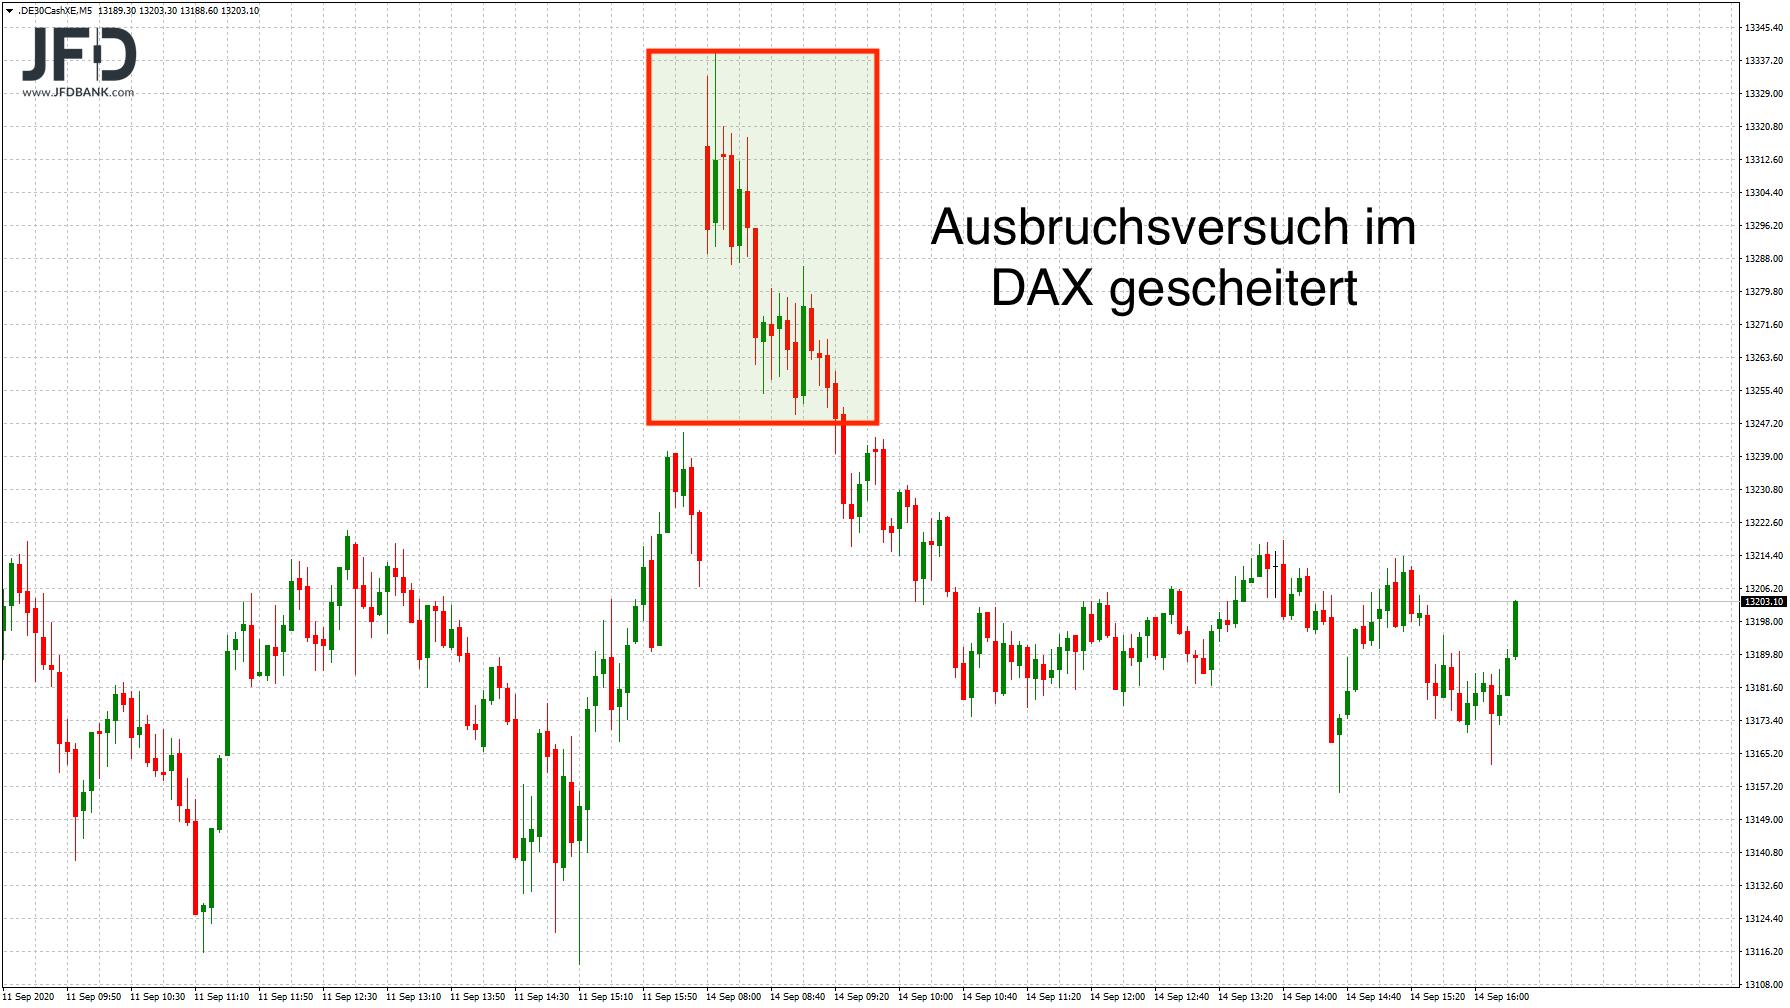 Dienstag-vor-der-FED-Weiter-Zurückhaltung-im-DAX-Kommentar-JFD-Bank-GodmodeTrader.de-2